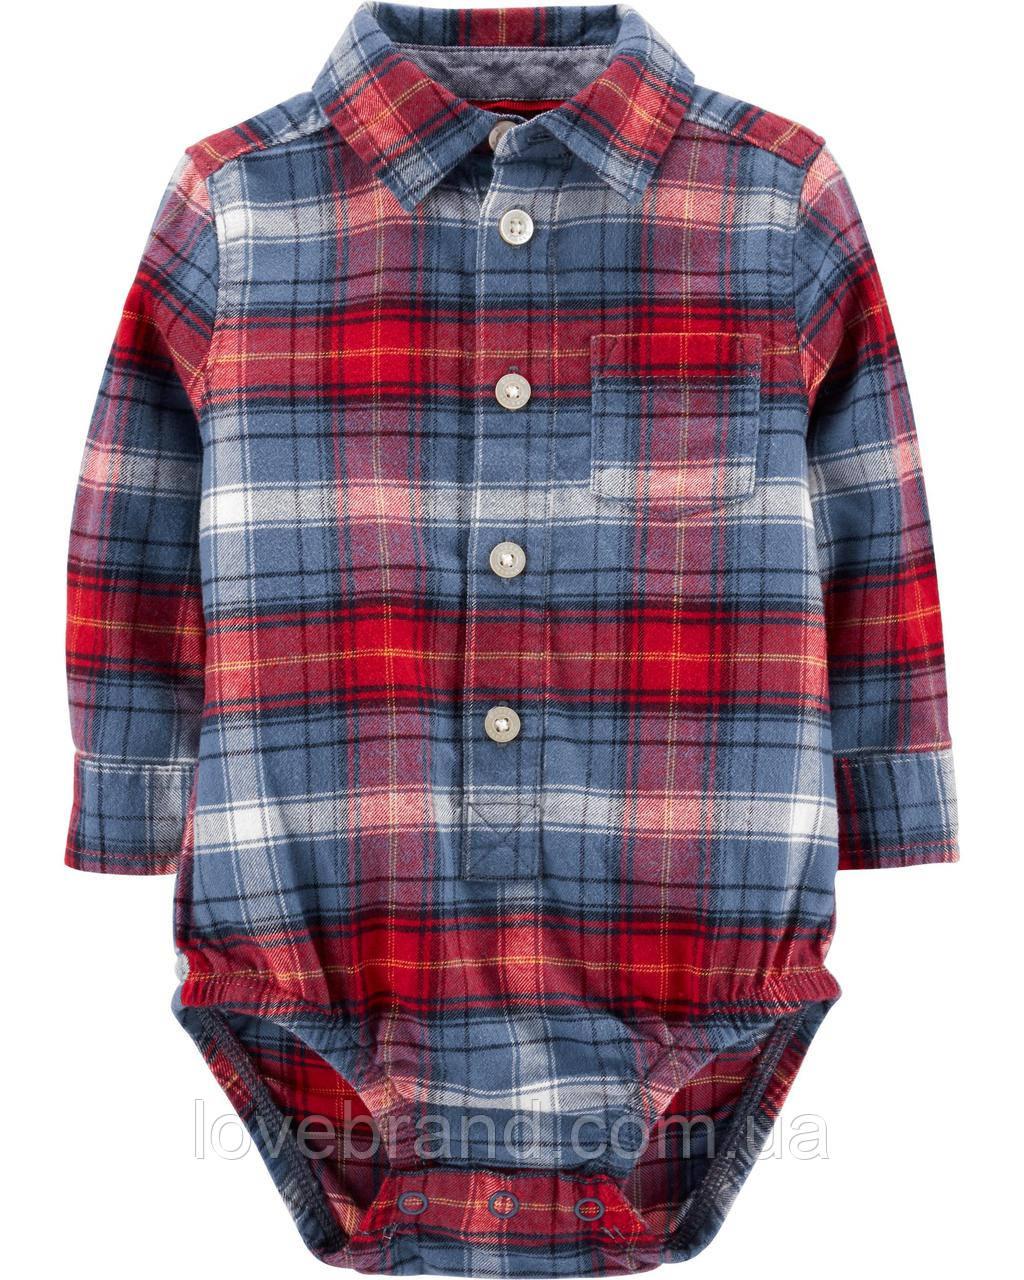 Фланелевая рубашка-боди для мальчика OshKosh (США) красная в клеточку 9 мес/67-72 см